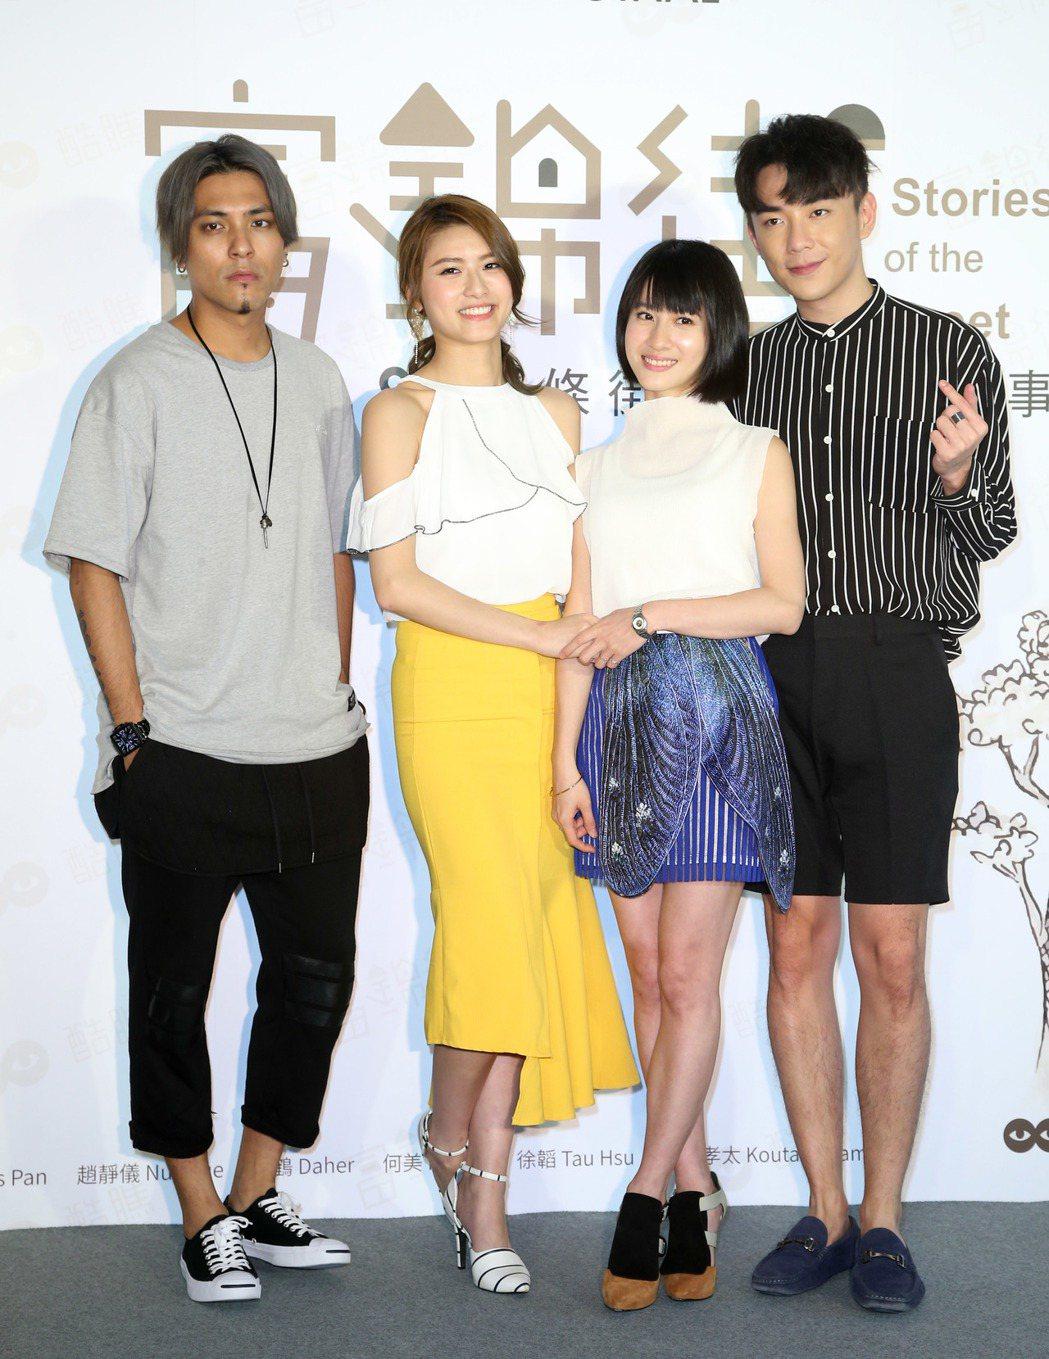 嘎嘎(左起)、妞妞、連俞涵、森竣一同出席記者會。記者陳瑞源/攝影